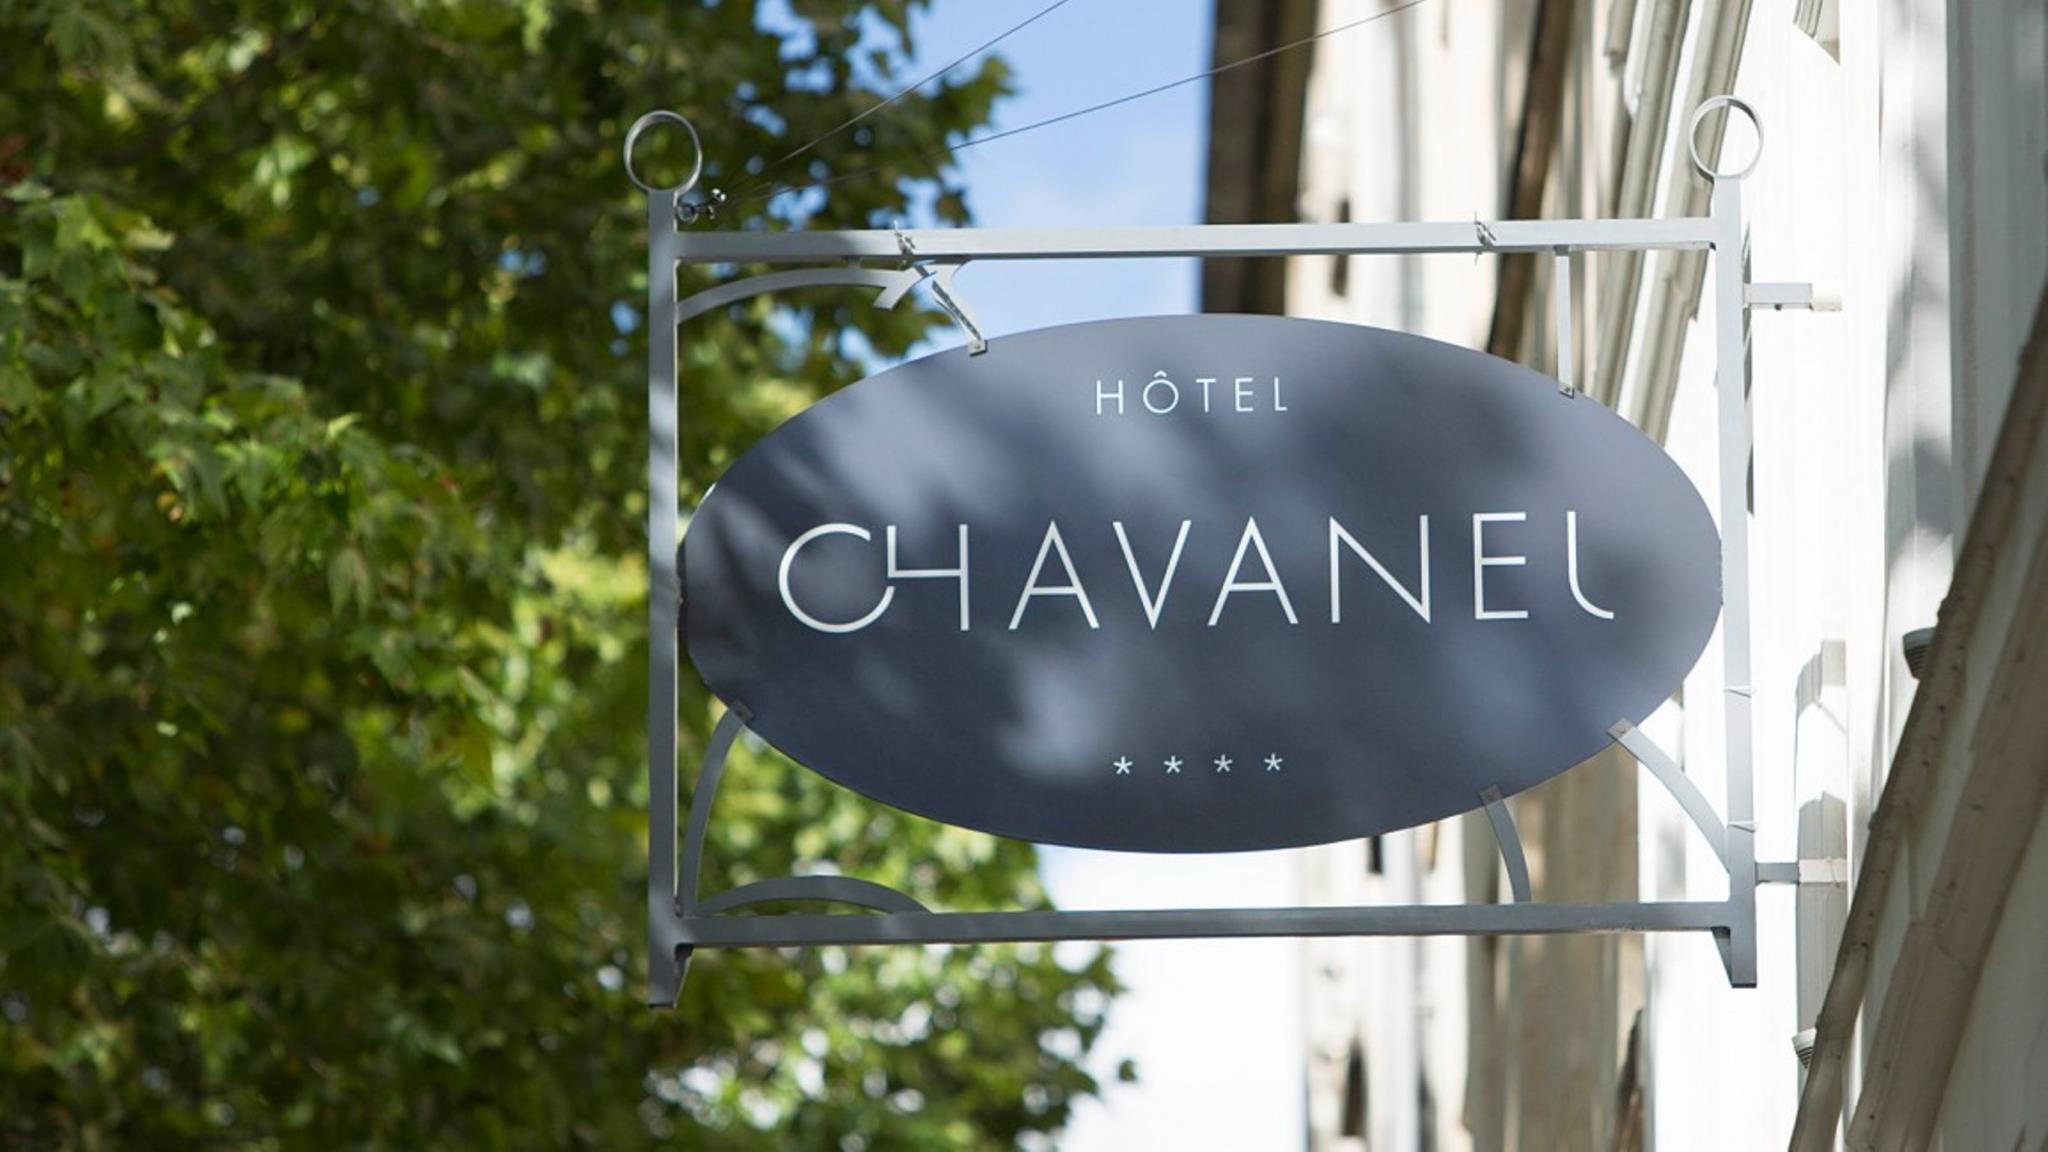 Hotel Chavanel